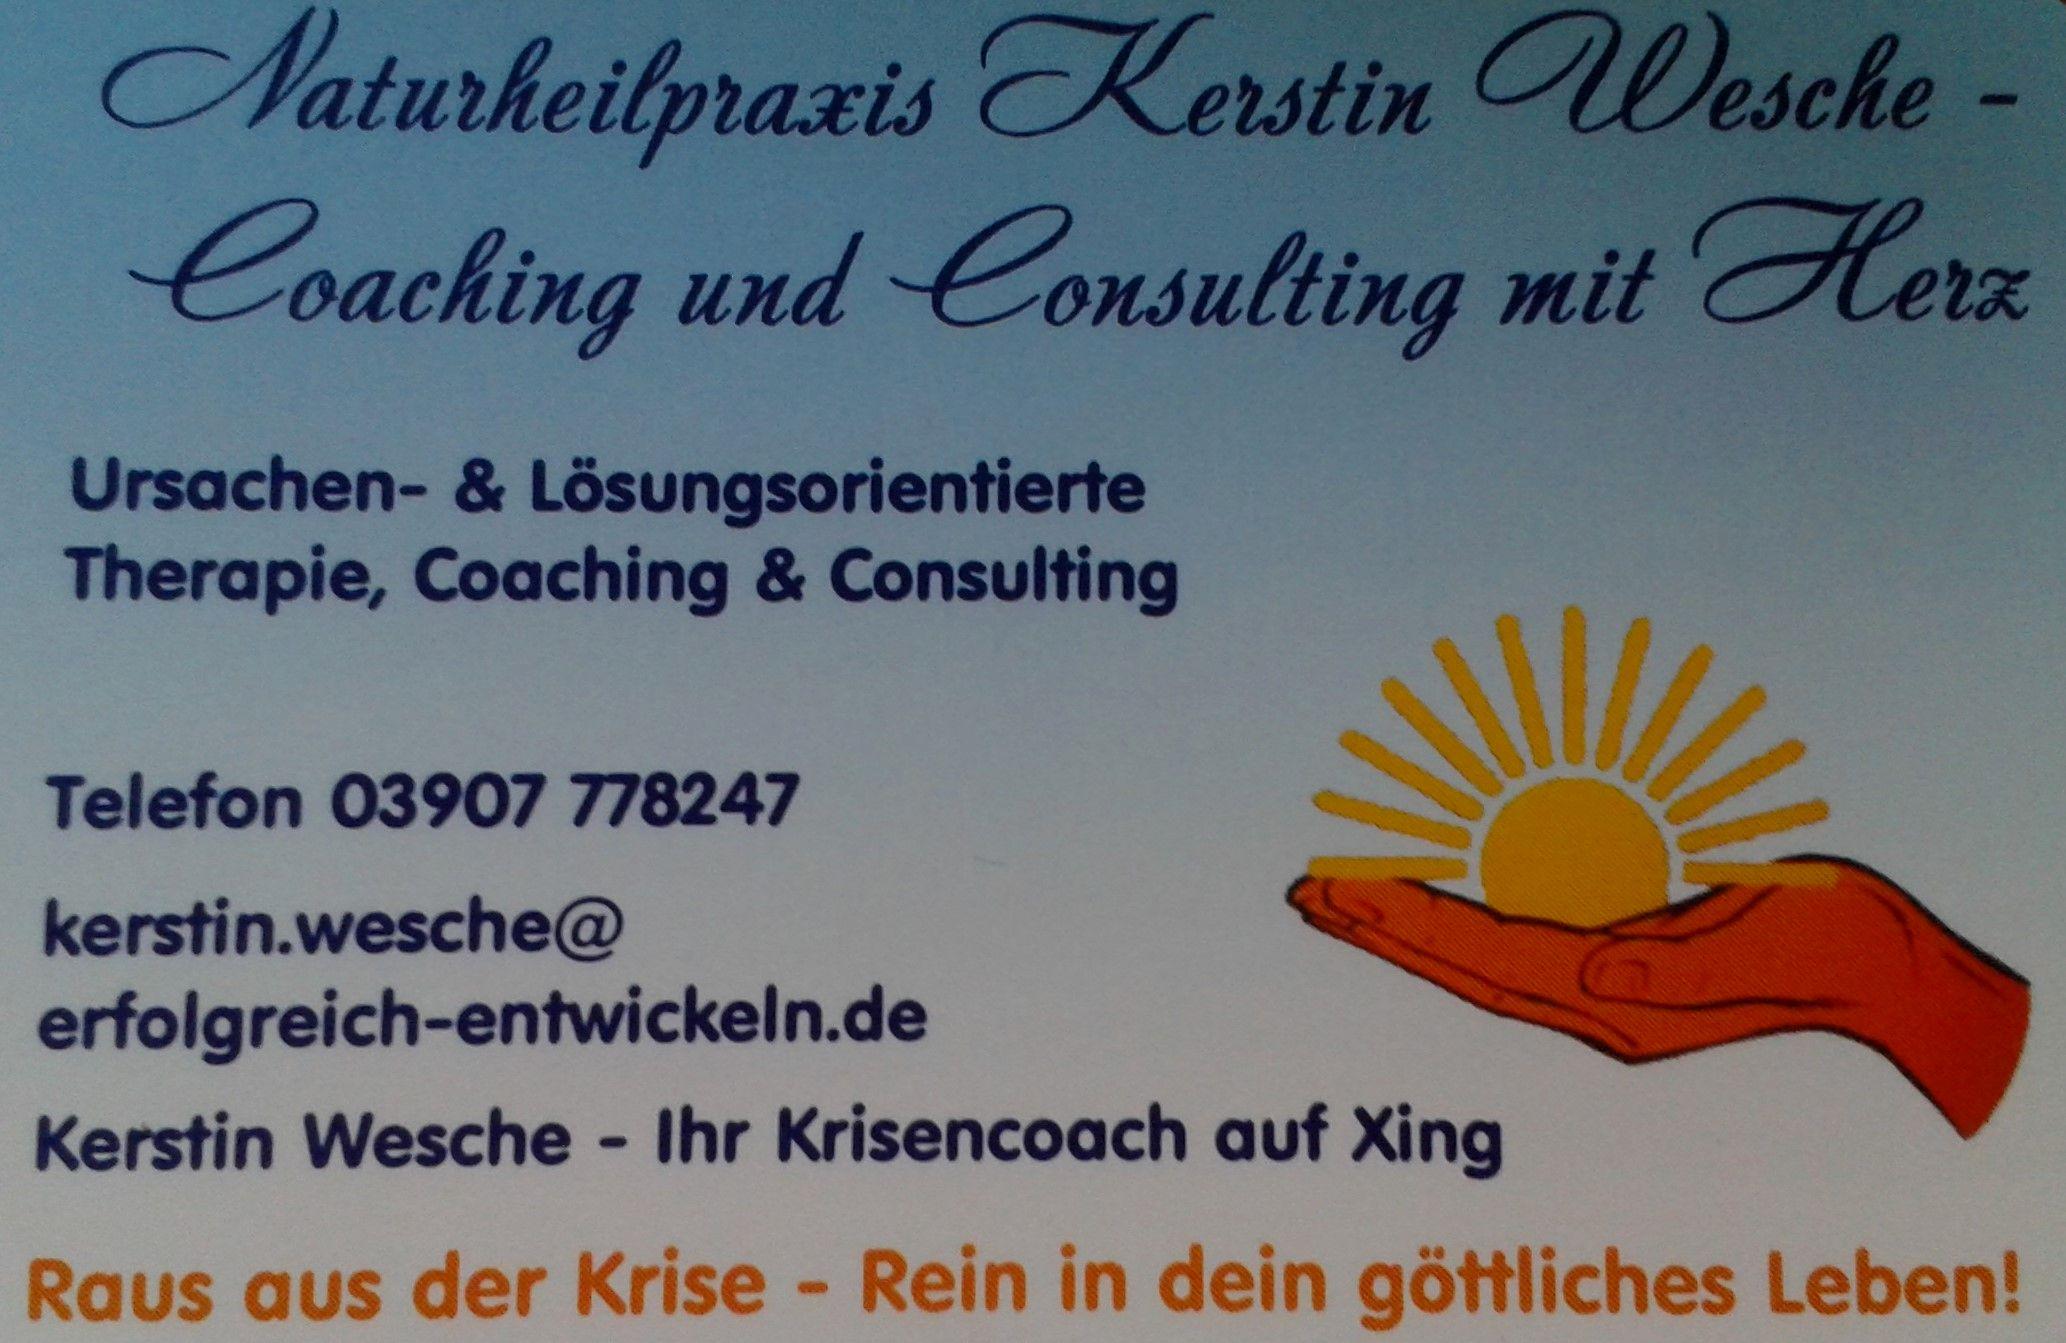 Naturheilpraxis Kerstin Wesche Coaching & Beratung